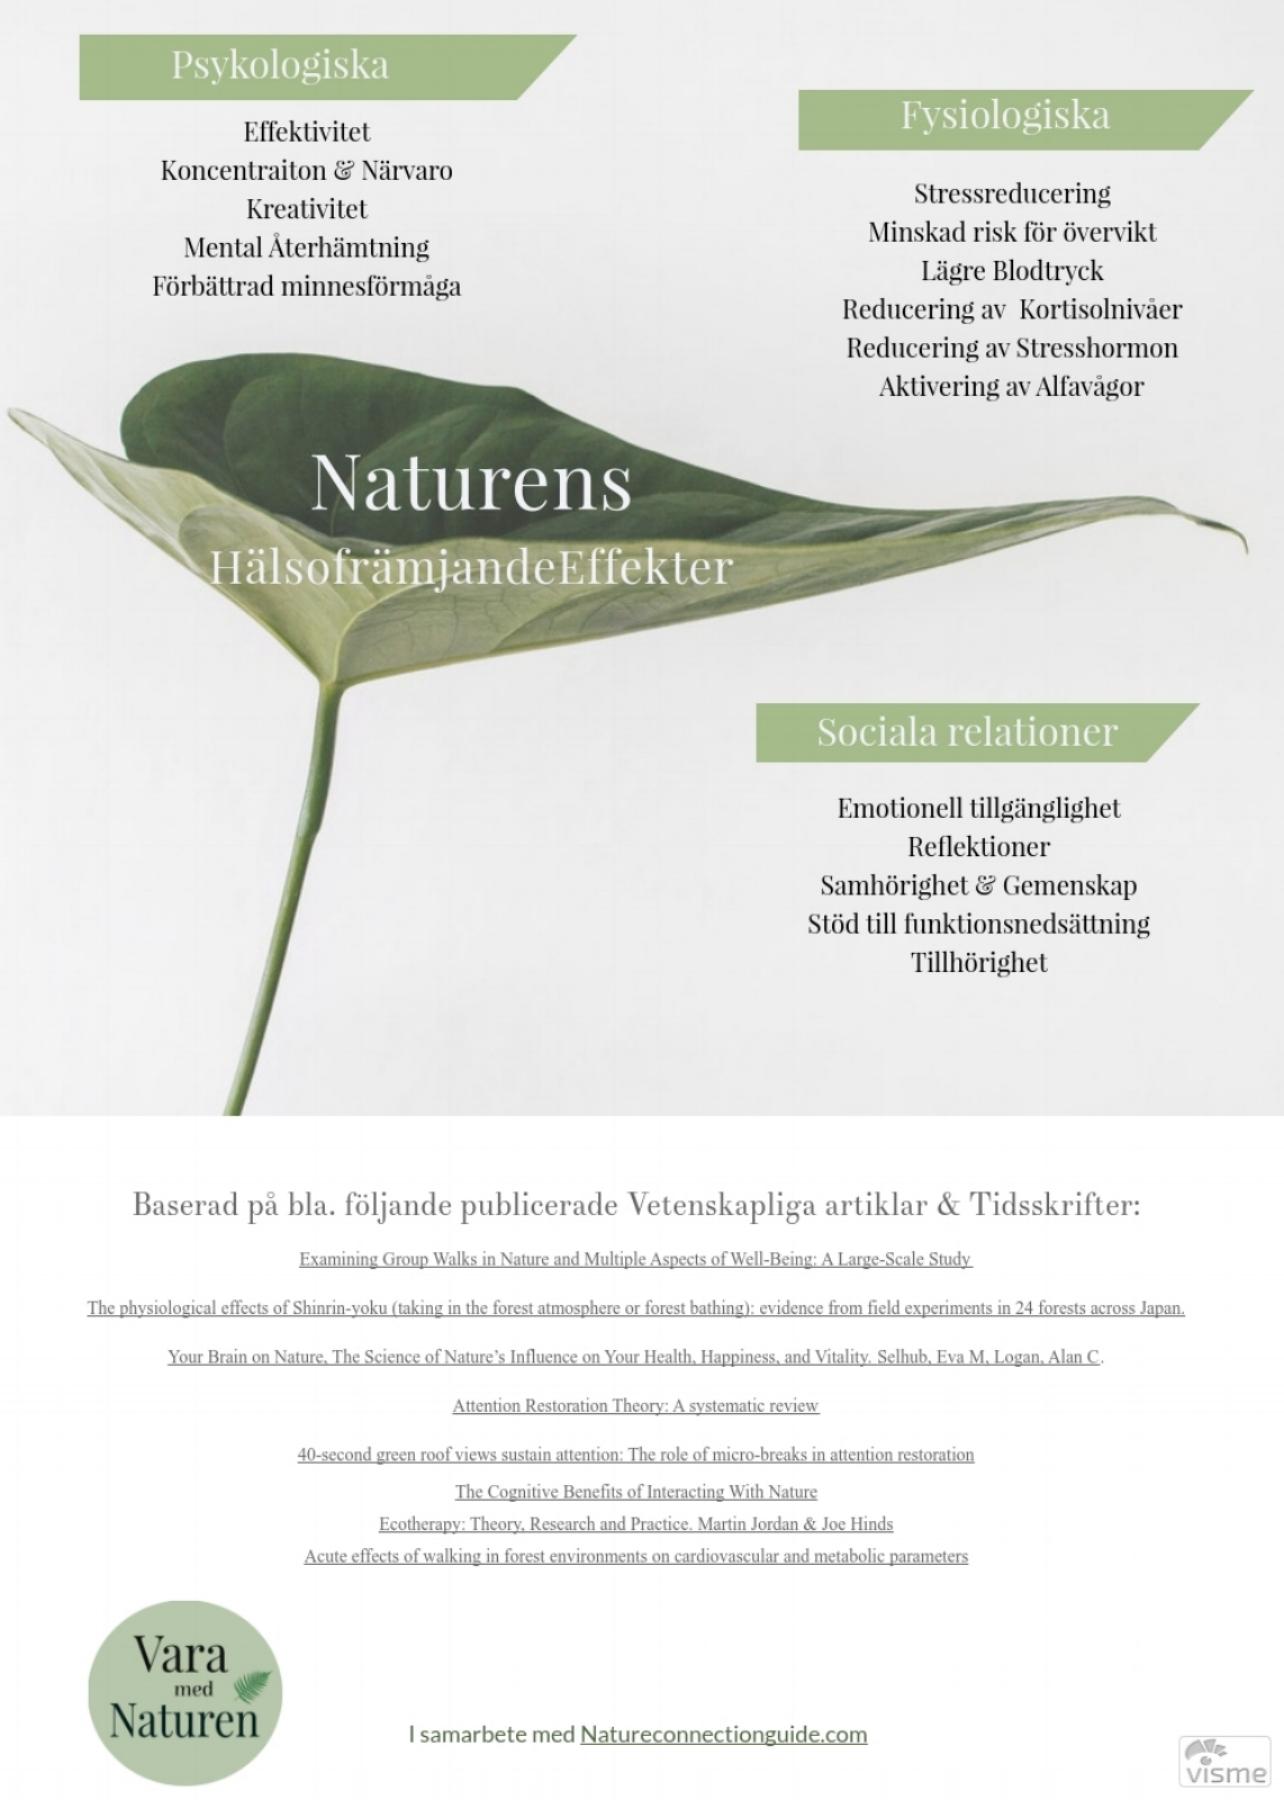 Naturens-hlso-effekter(2).jpg